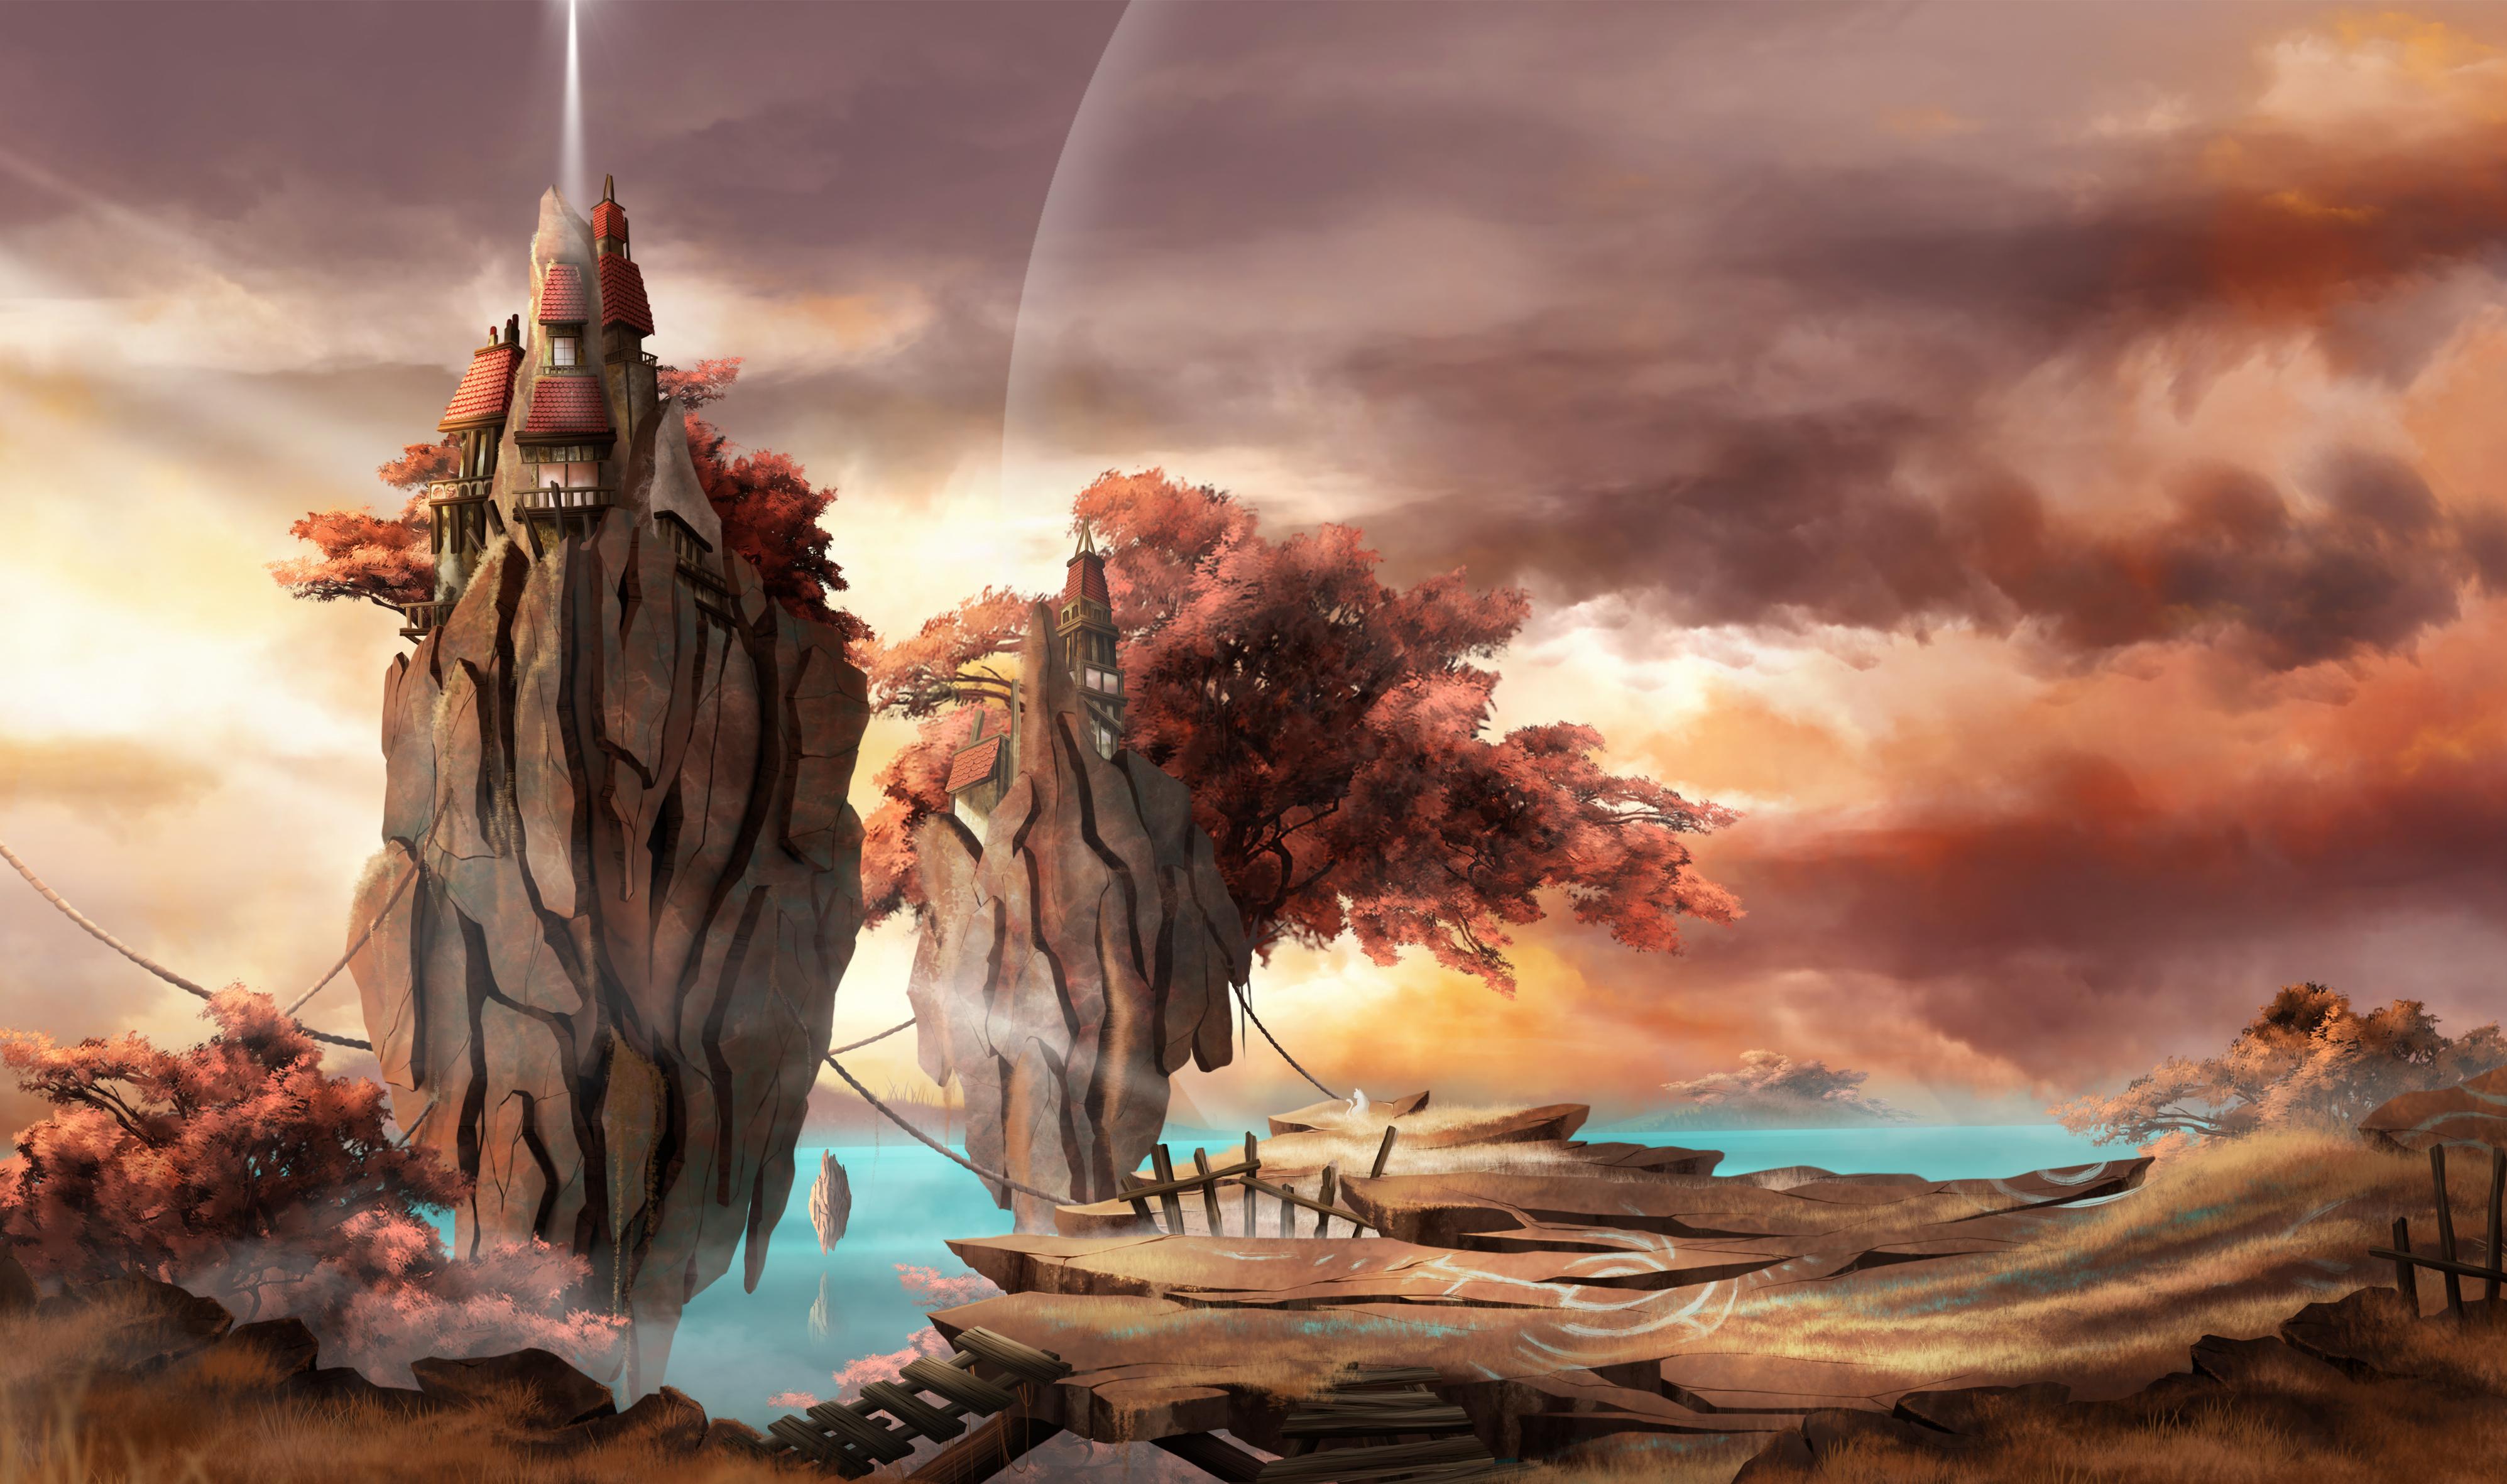 environment design, avec pierres flottantes et maisons, arbres rouge et couché de soleil.